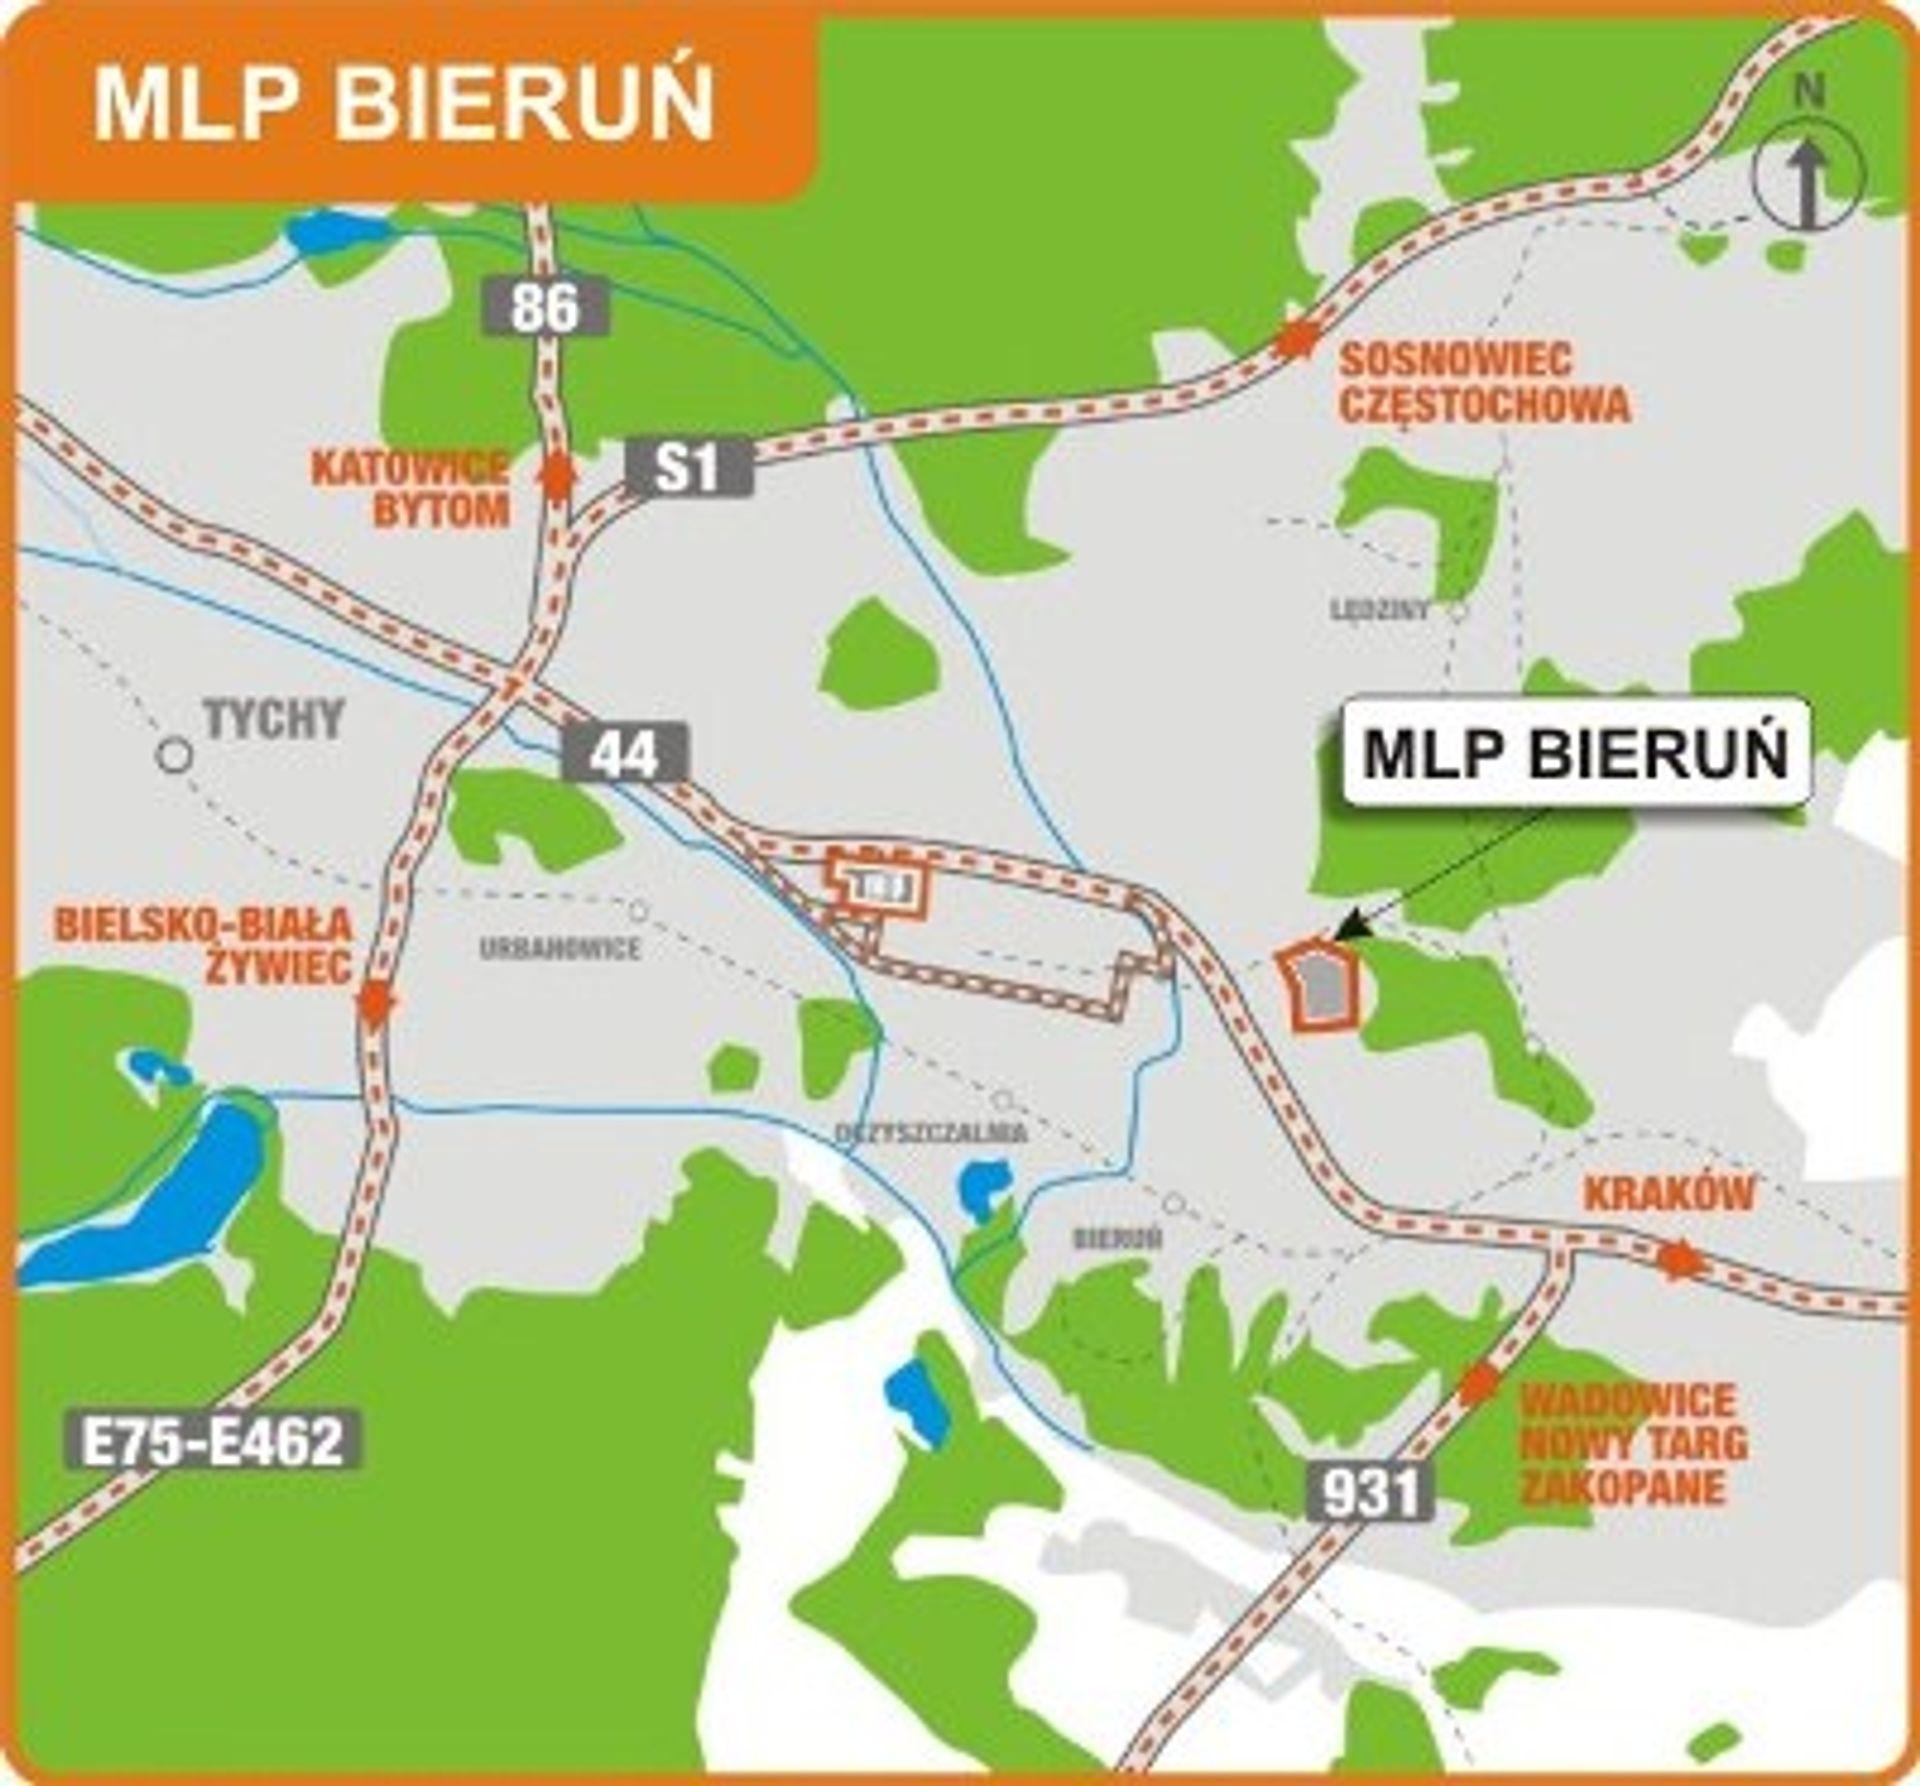 [śląskie] Auto Partner przejął 14,7 tys. mkw. powierzchni magazynowej w parku MLP Bieruń